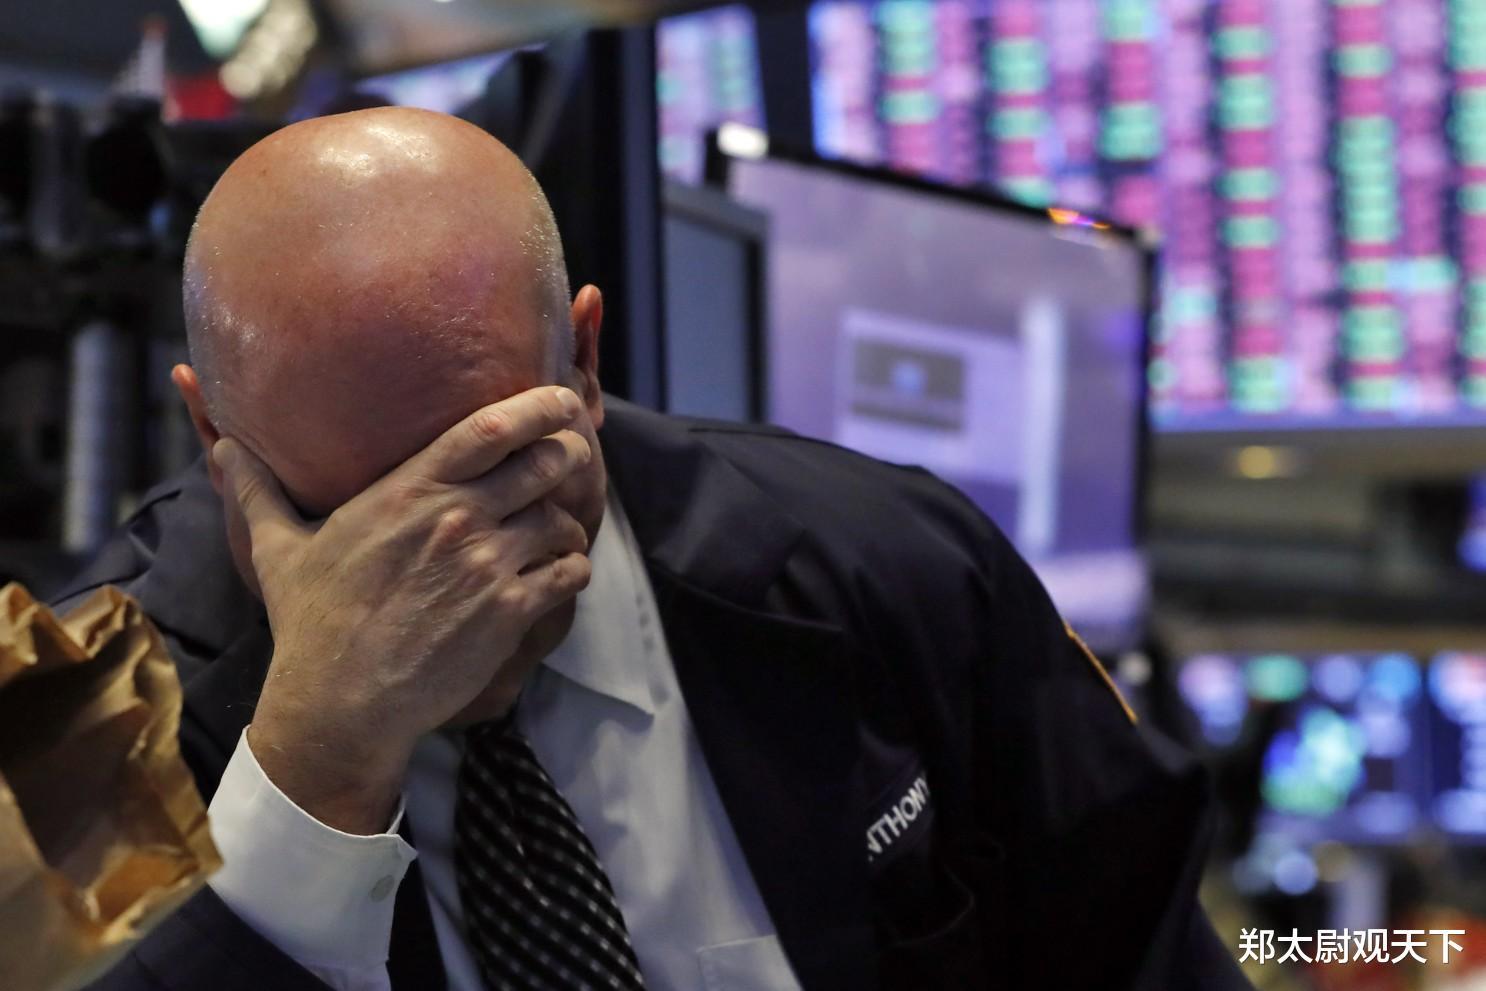 20萬億美元都救不瞭,美國或爆最大金融危機!美媒為何如此悲觀?-圖3